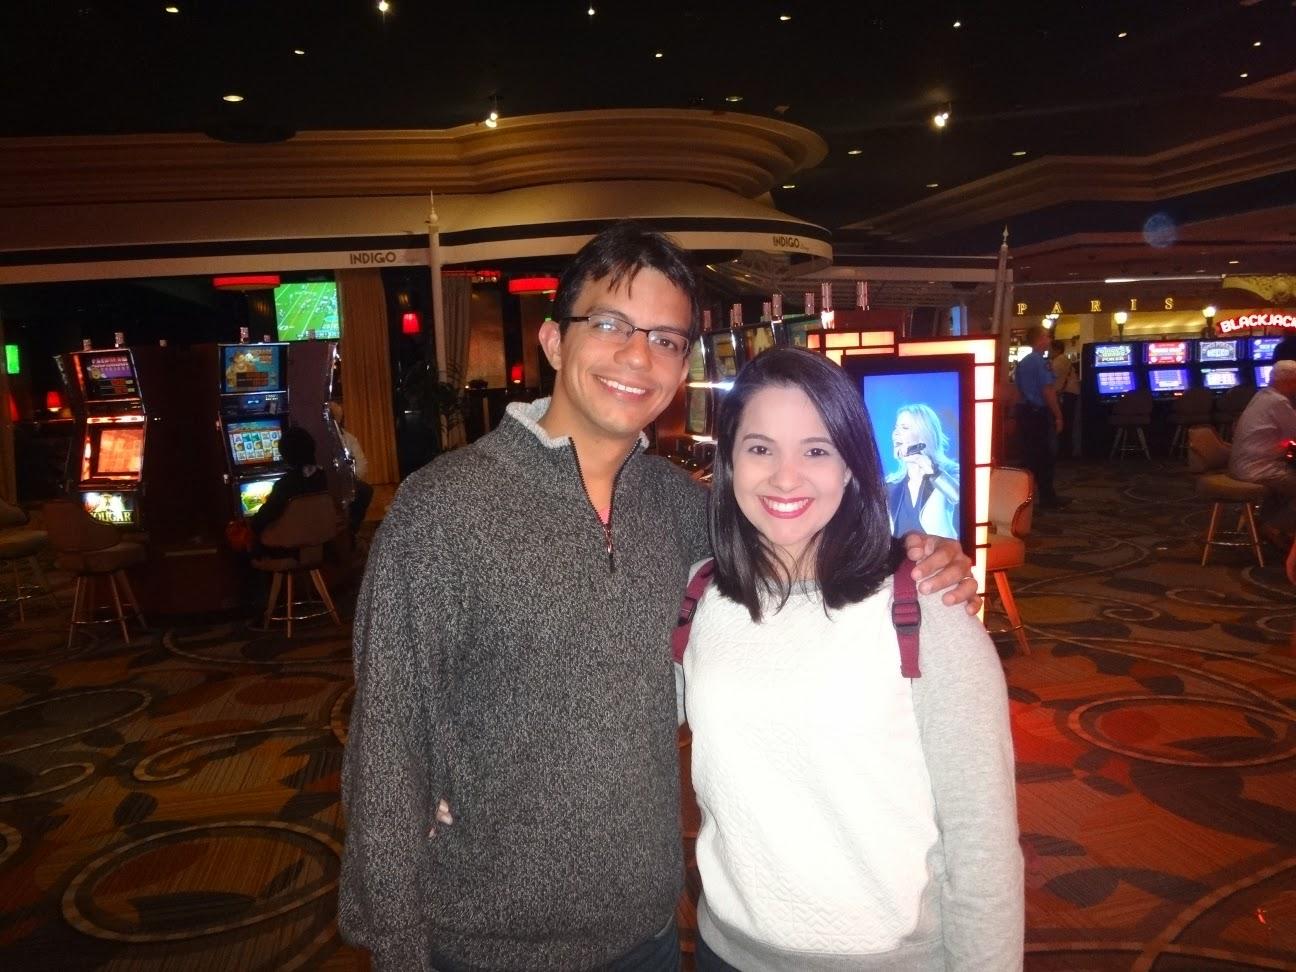 cassino do hotel Ballys em Las Vegas